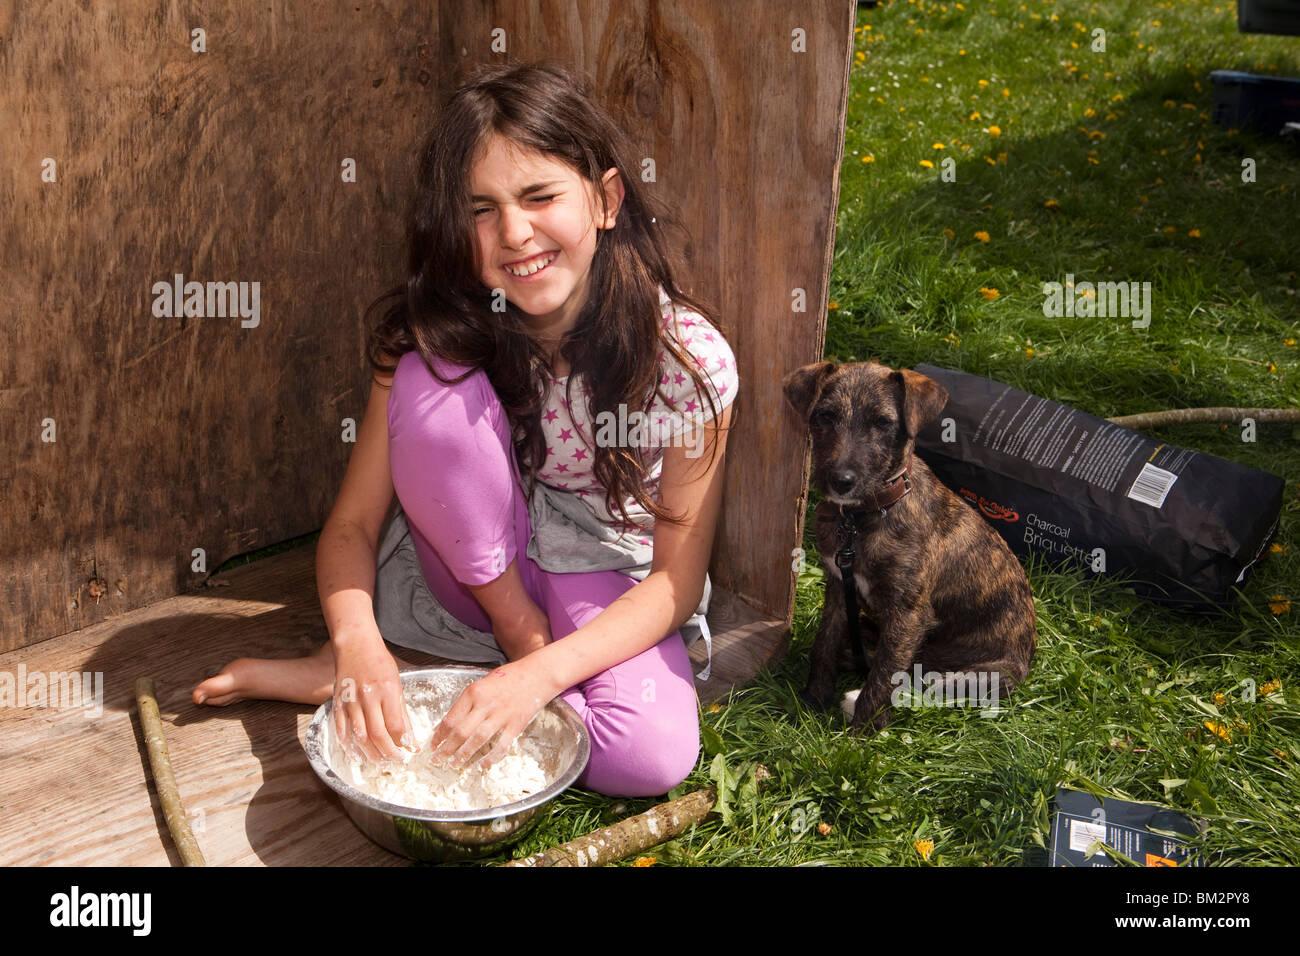 UK, England, Herefordshire, Putley, Big Apple Event, junges Mädchen Rührschüssel Mehl und Wasser Stockbild